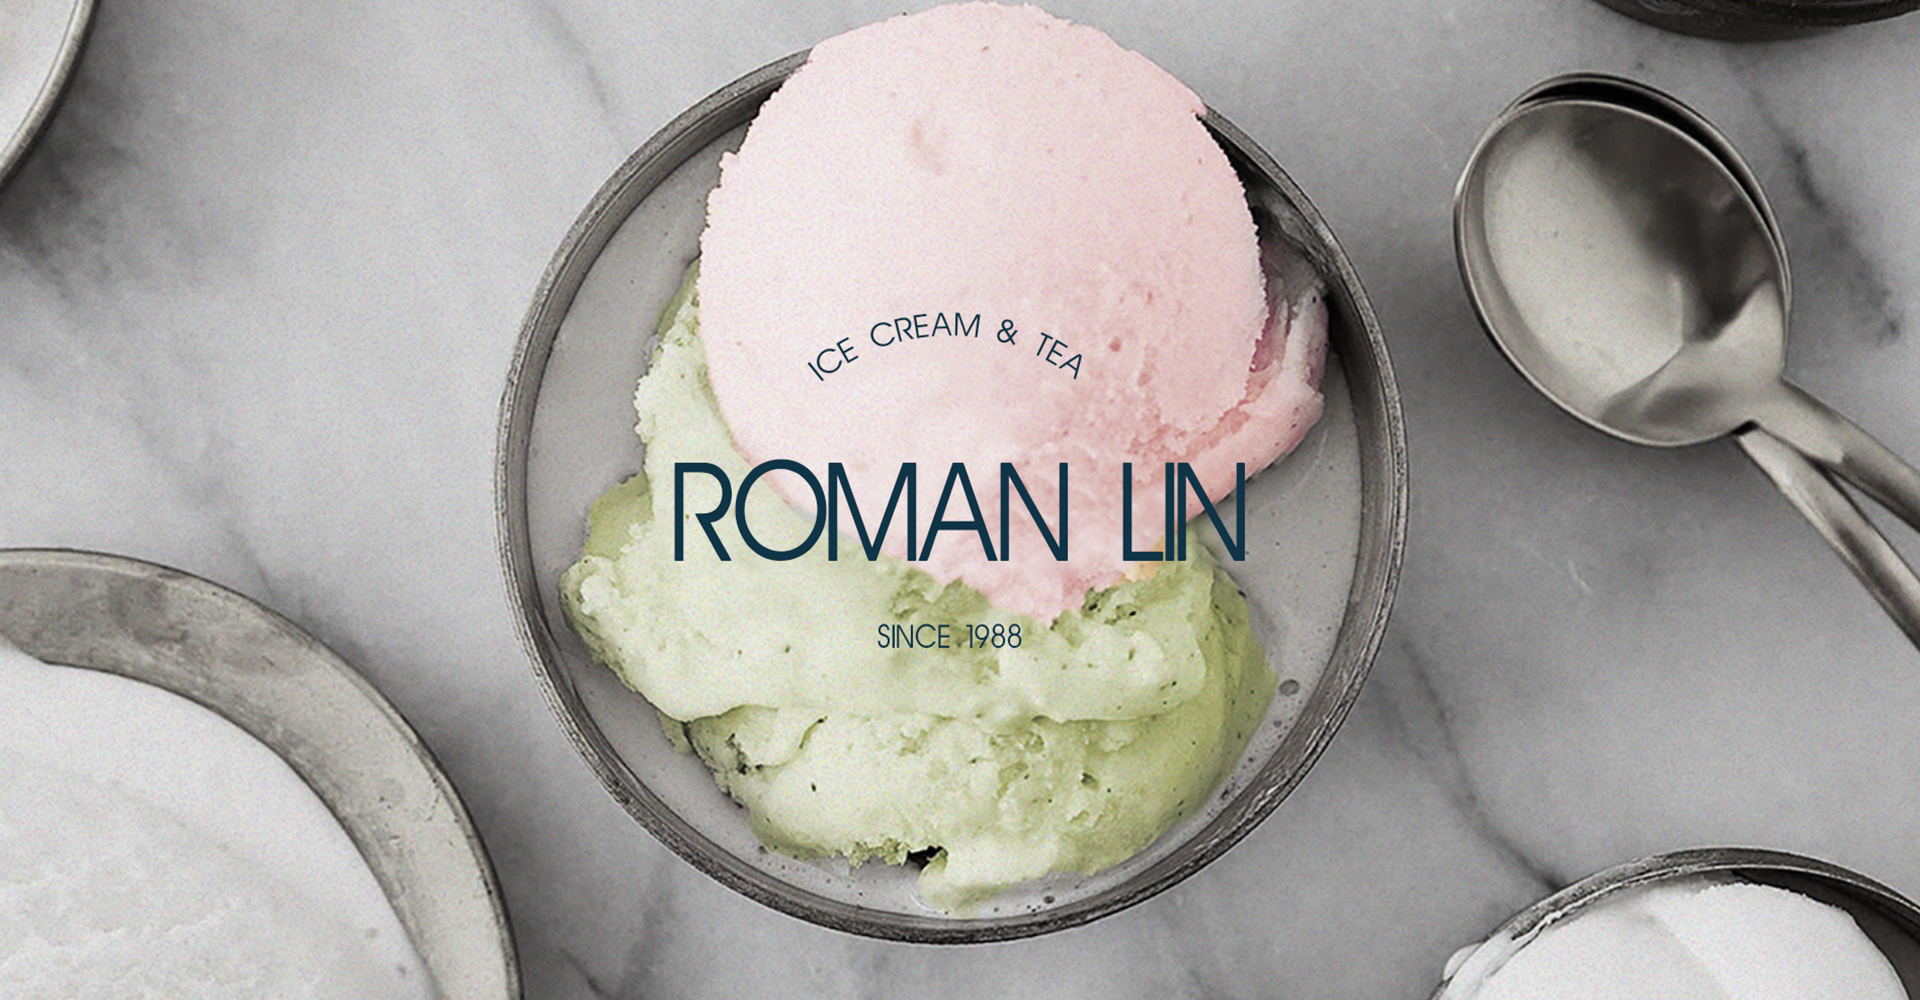 冰淇淋加盟连锁店